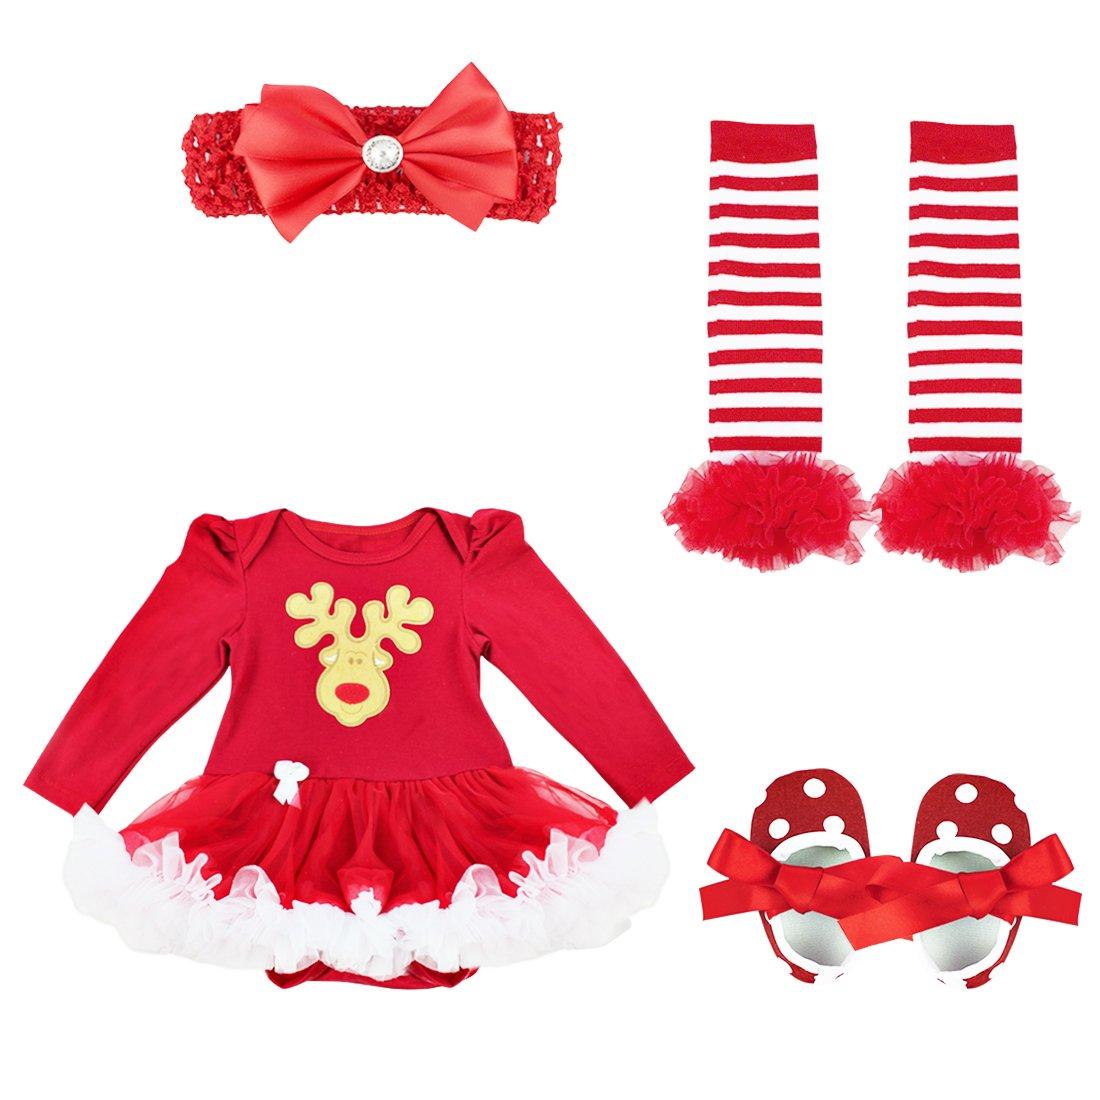 9389d055ed45c Freebily 4 pcs Déguisement Enfant Bébé Fille Barboteuse à Manches Longues  Bandeaux Jambières Chaussures Ensemble Tenues Noël ...